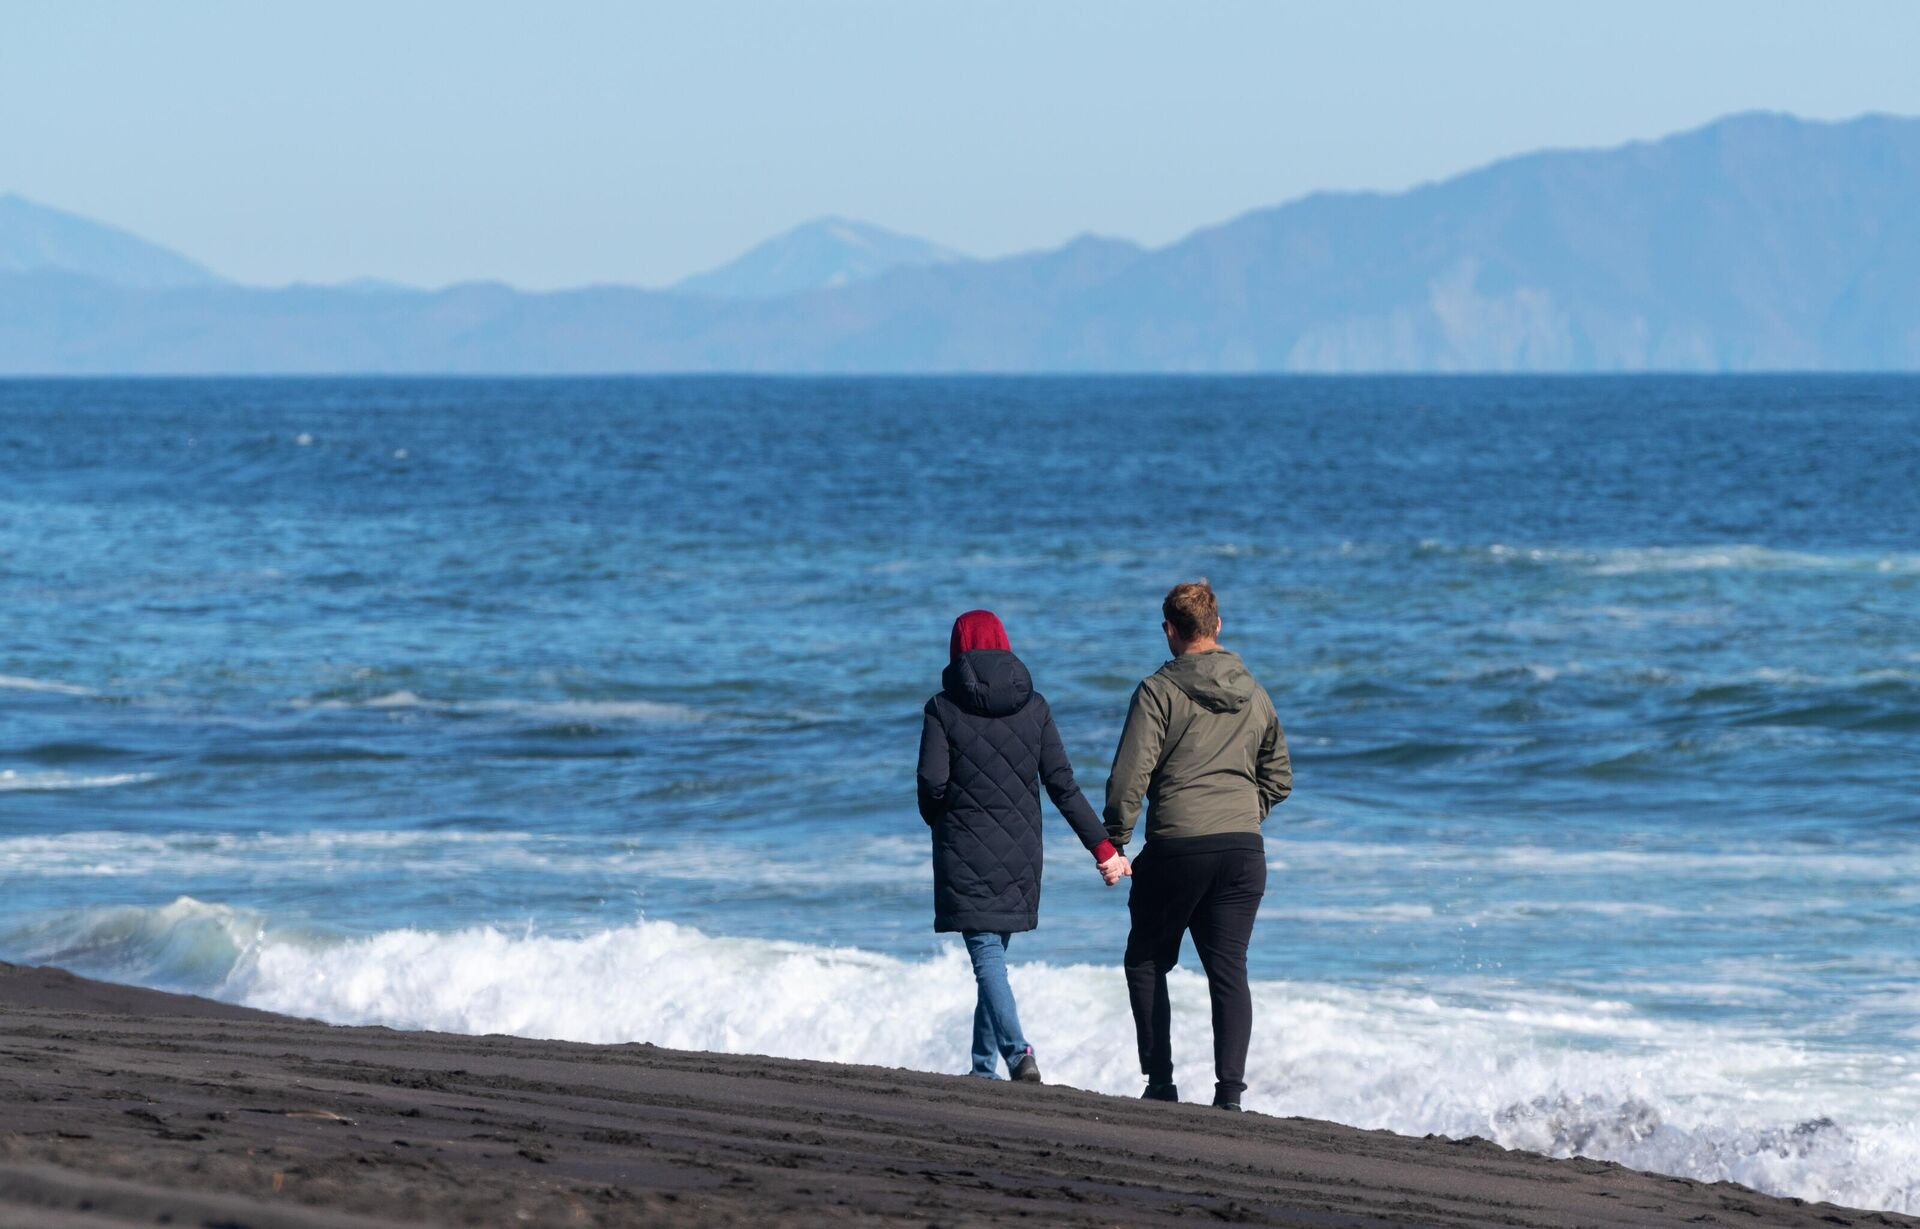 Молодые люди гуляют на Халактырском пляже Тихоокеанского побережья полуострова Камчатка - РИА Новости, 1920, 15.07.2021